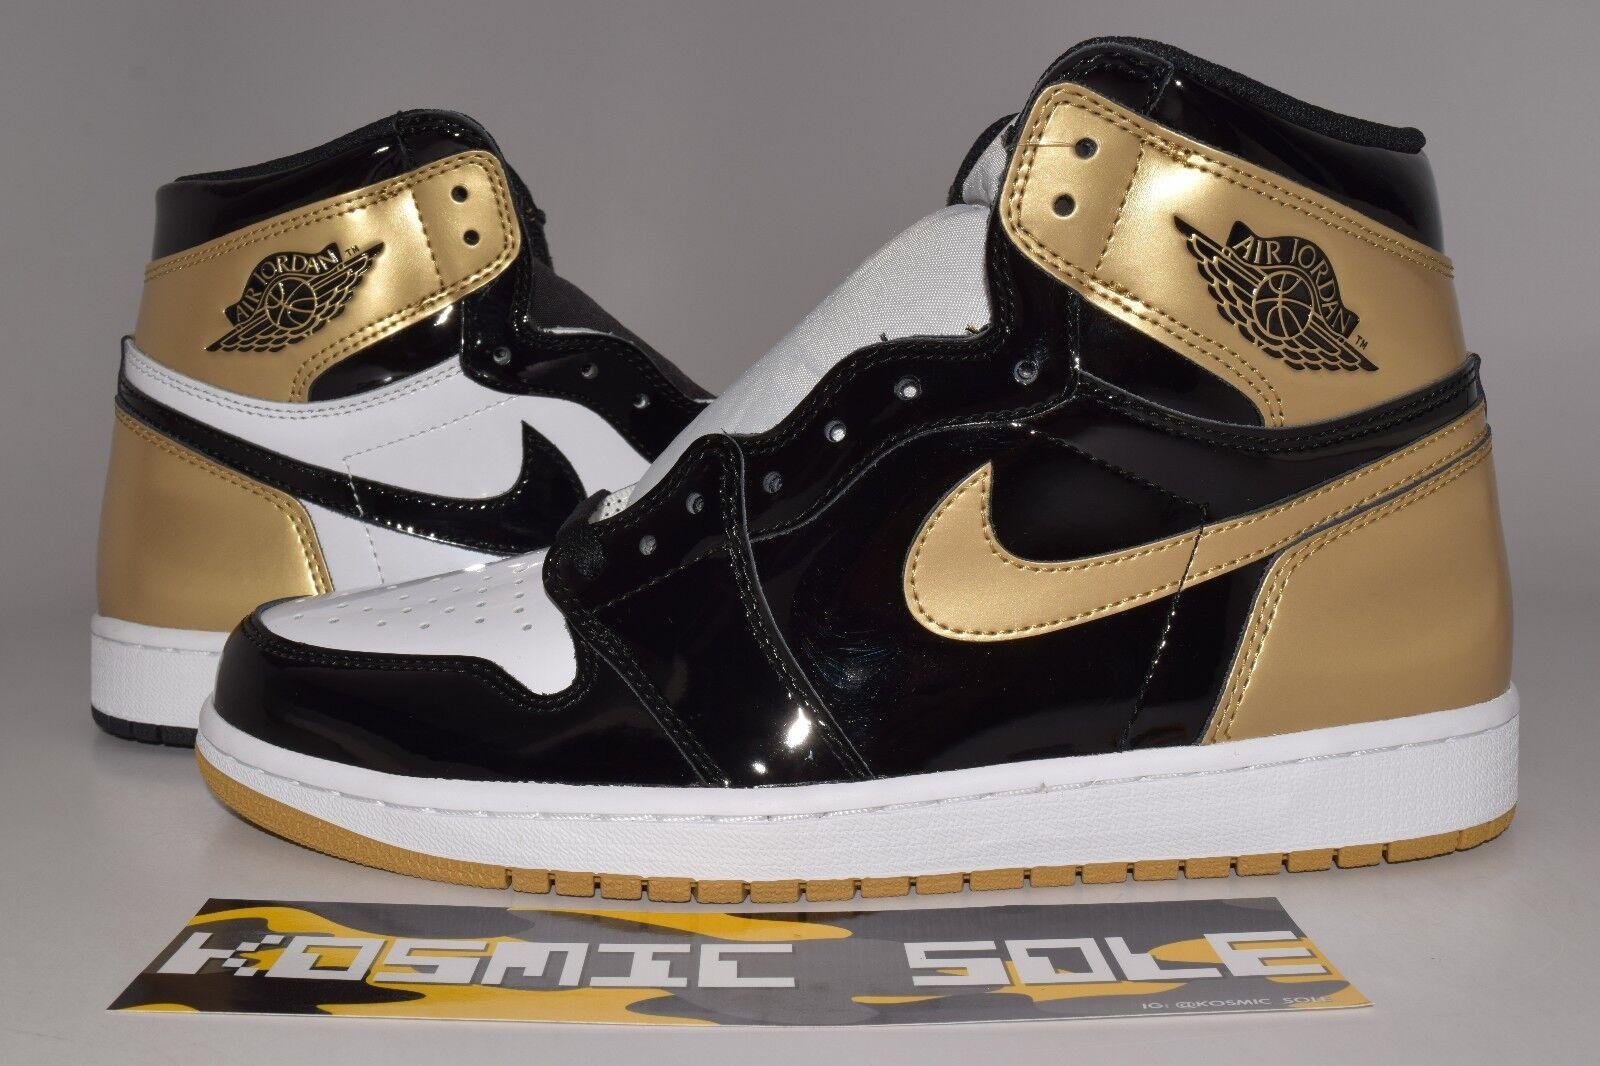 150c1d86a53 Nike Air Jordan 1 Retro High OG NRG Gold Top 3 Complexcon Aj1 ...